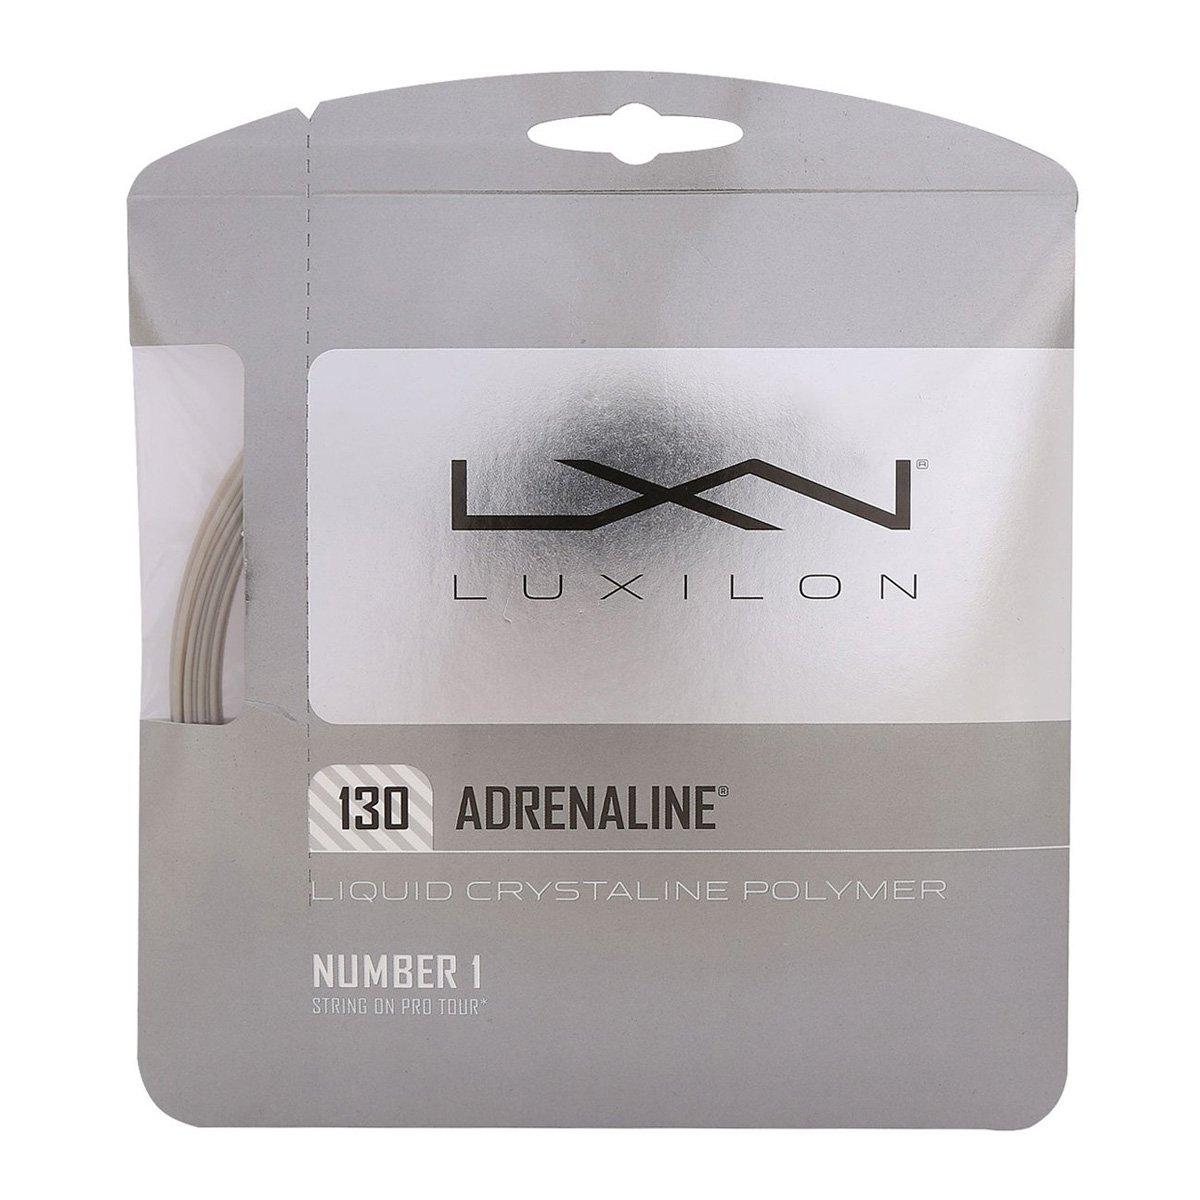 Corda Luxilon Adrenaline 1.30mm Cinza - Set Individual  - PROTENISTA